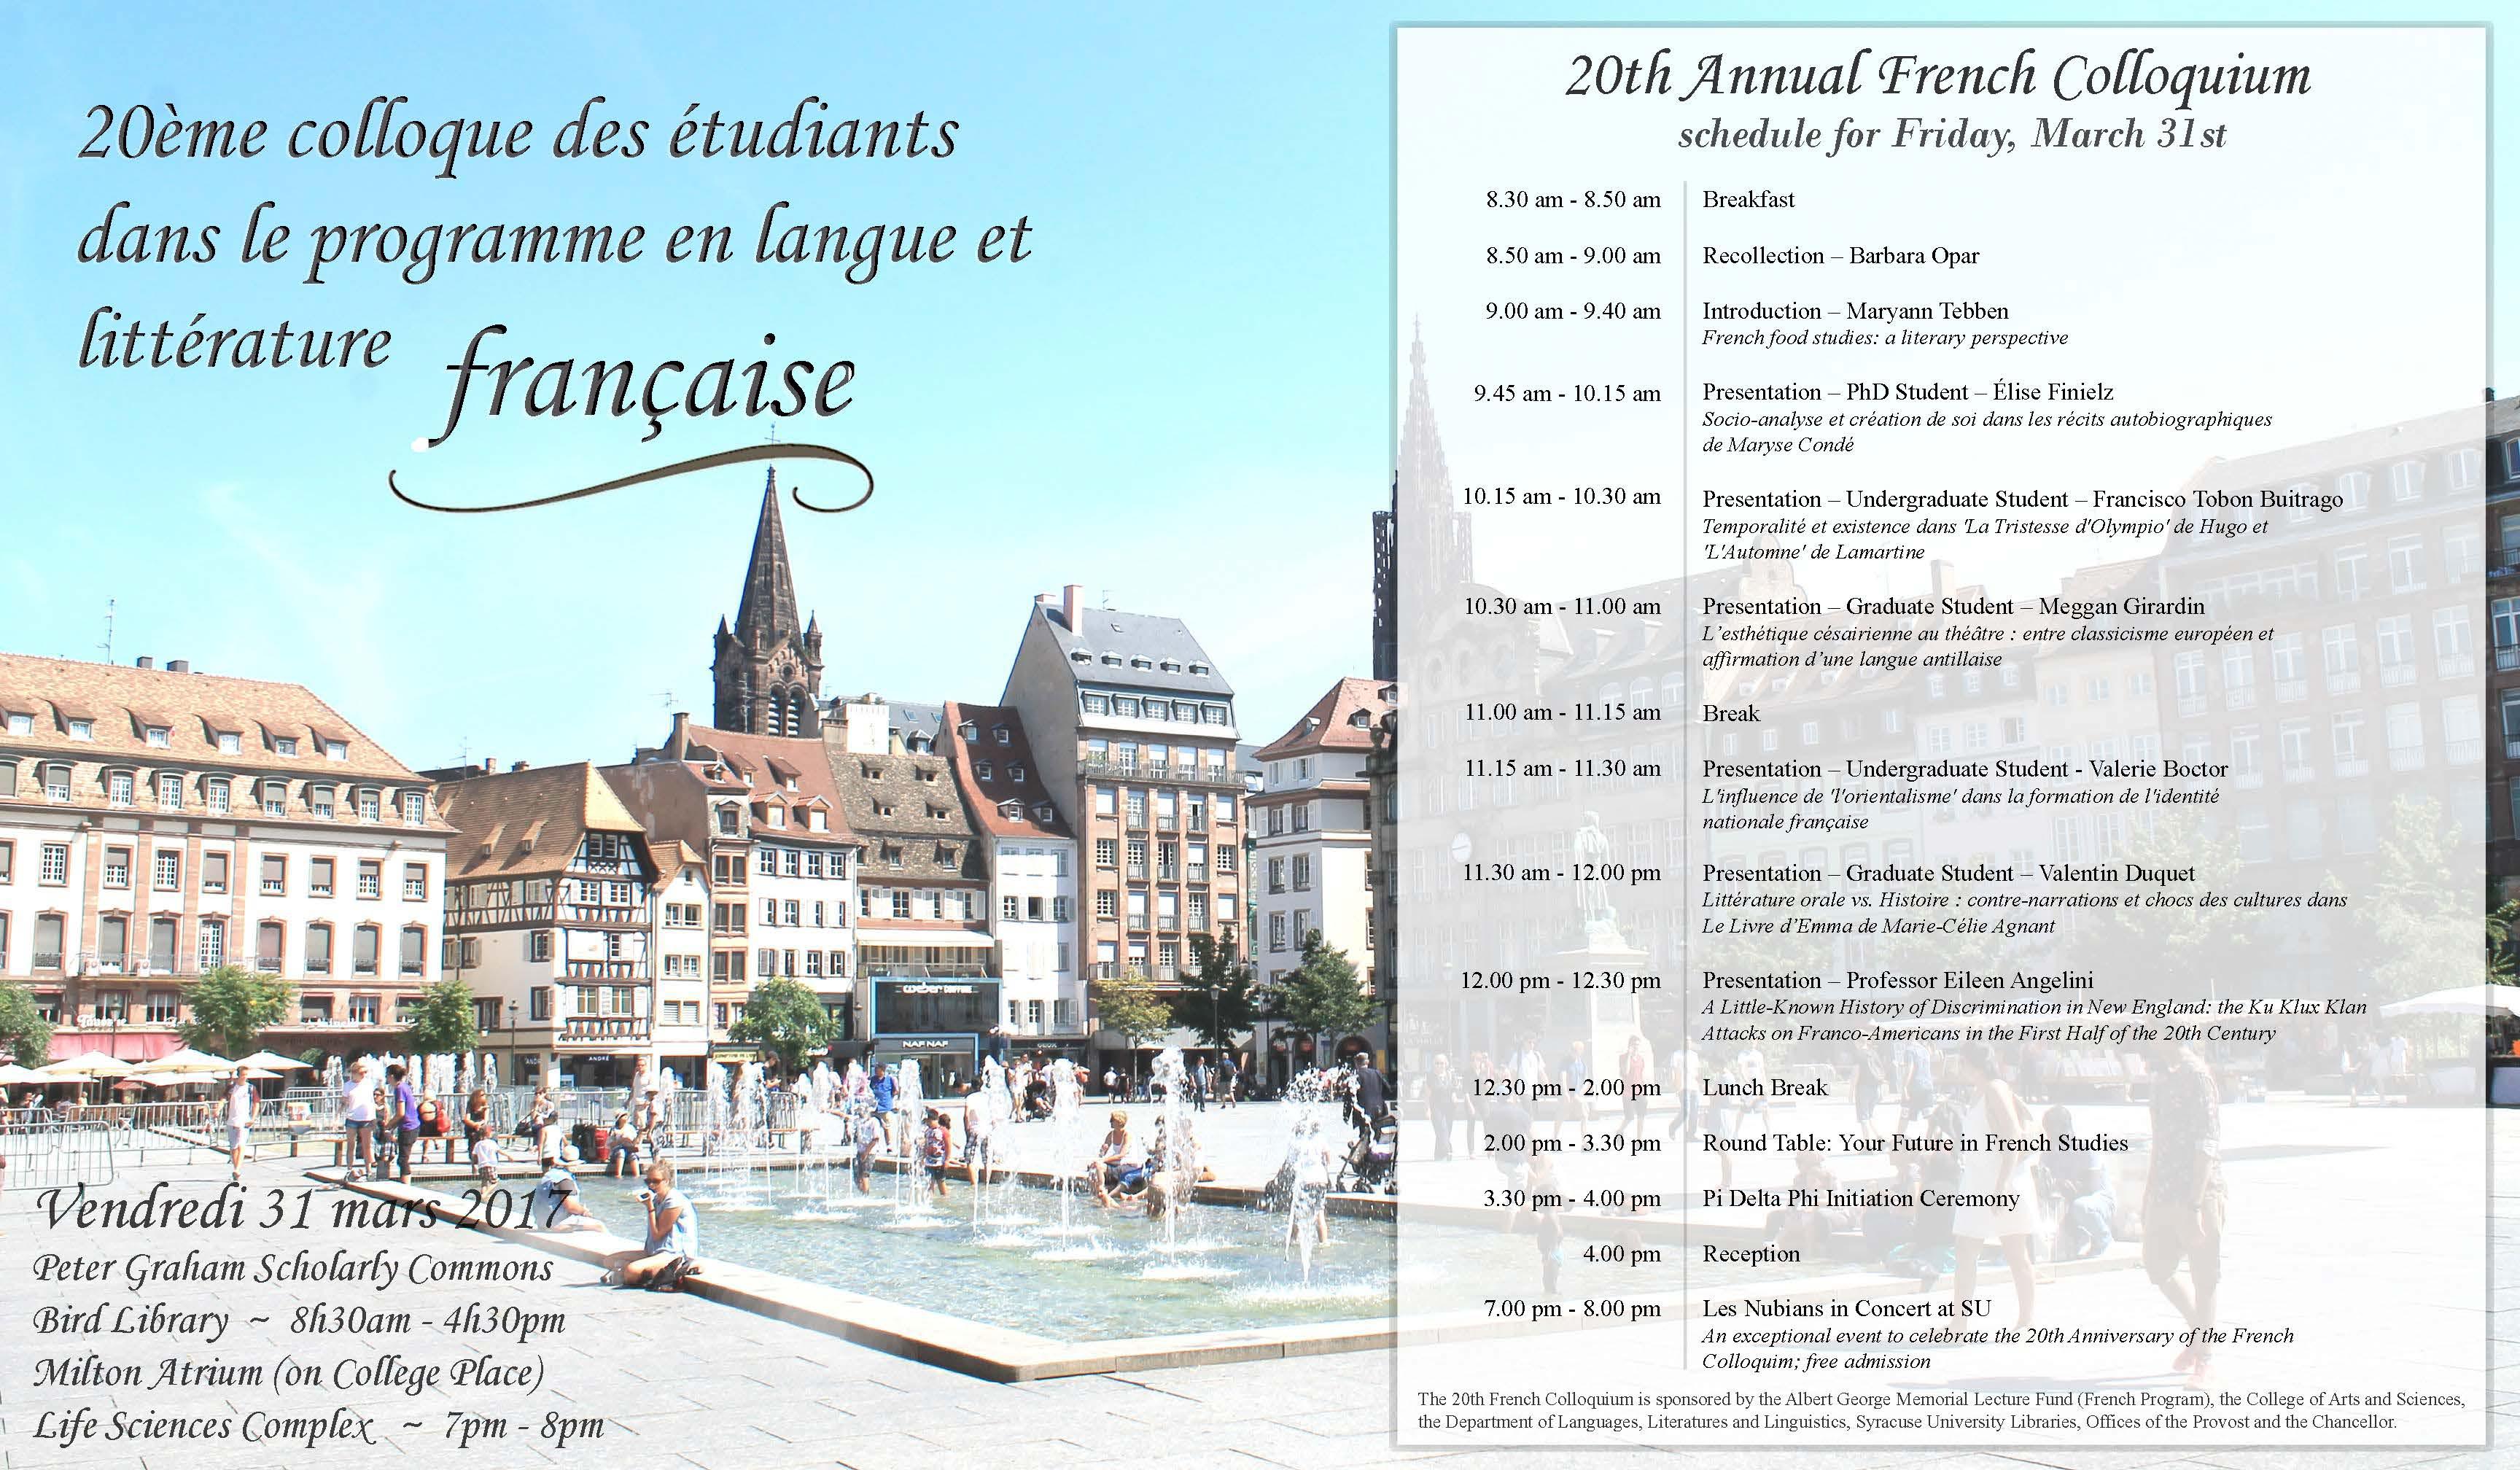 Colloquium schedule